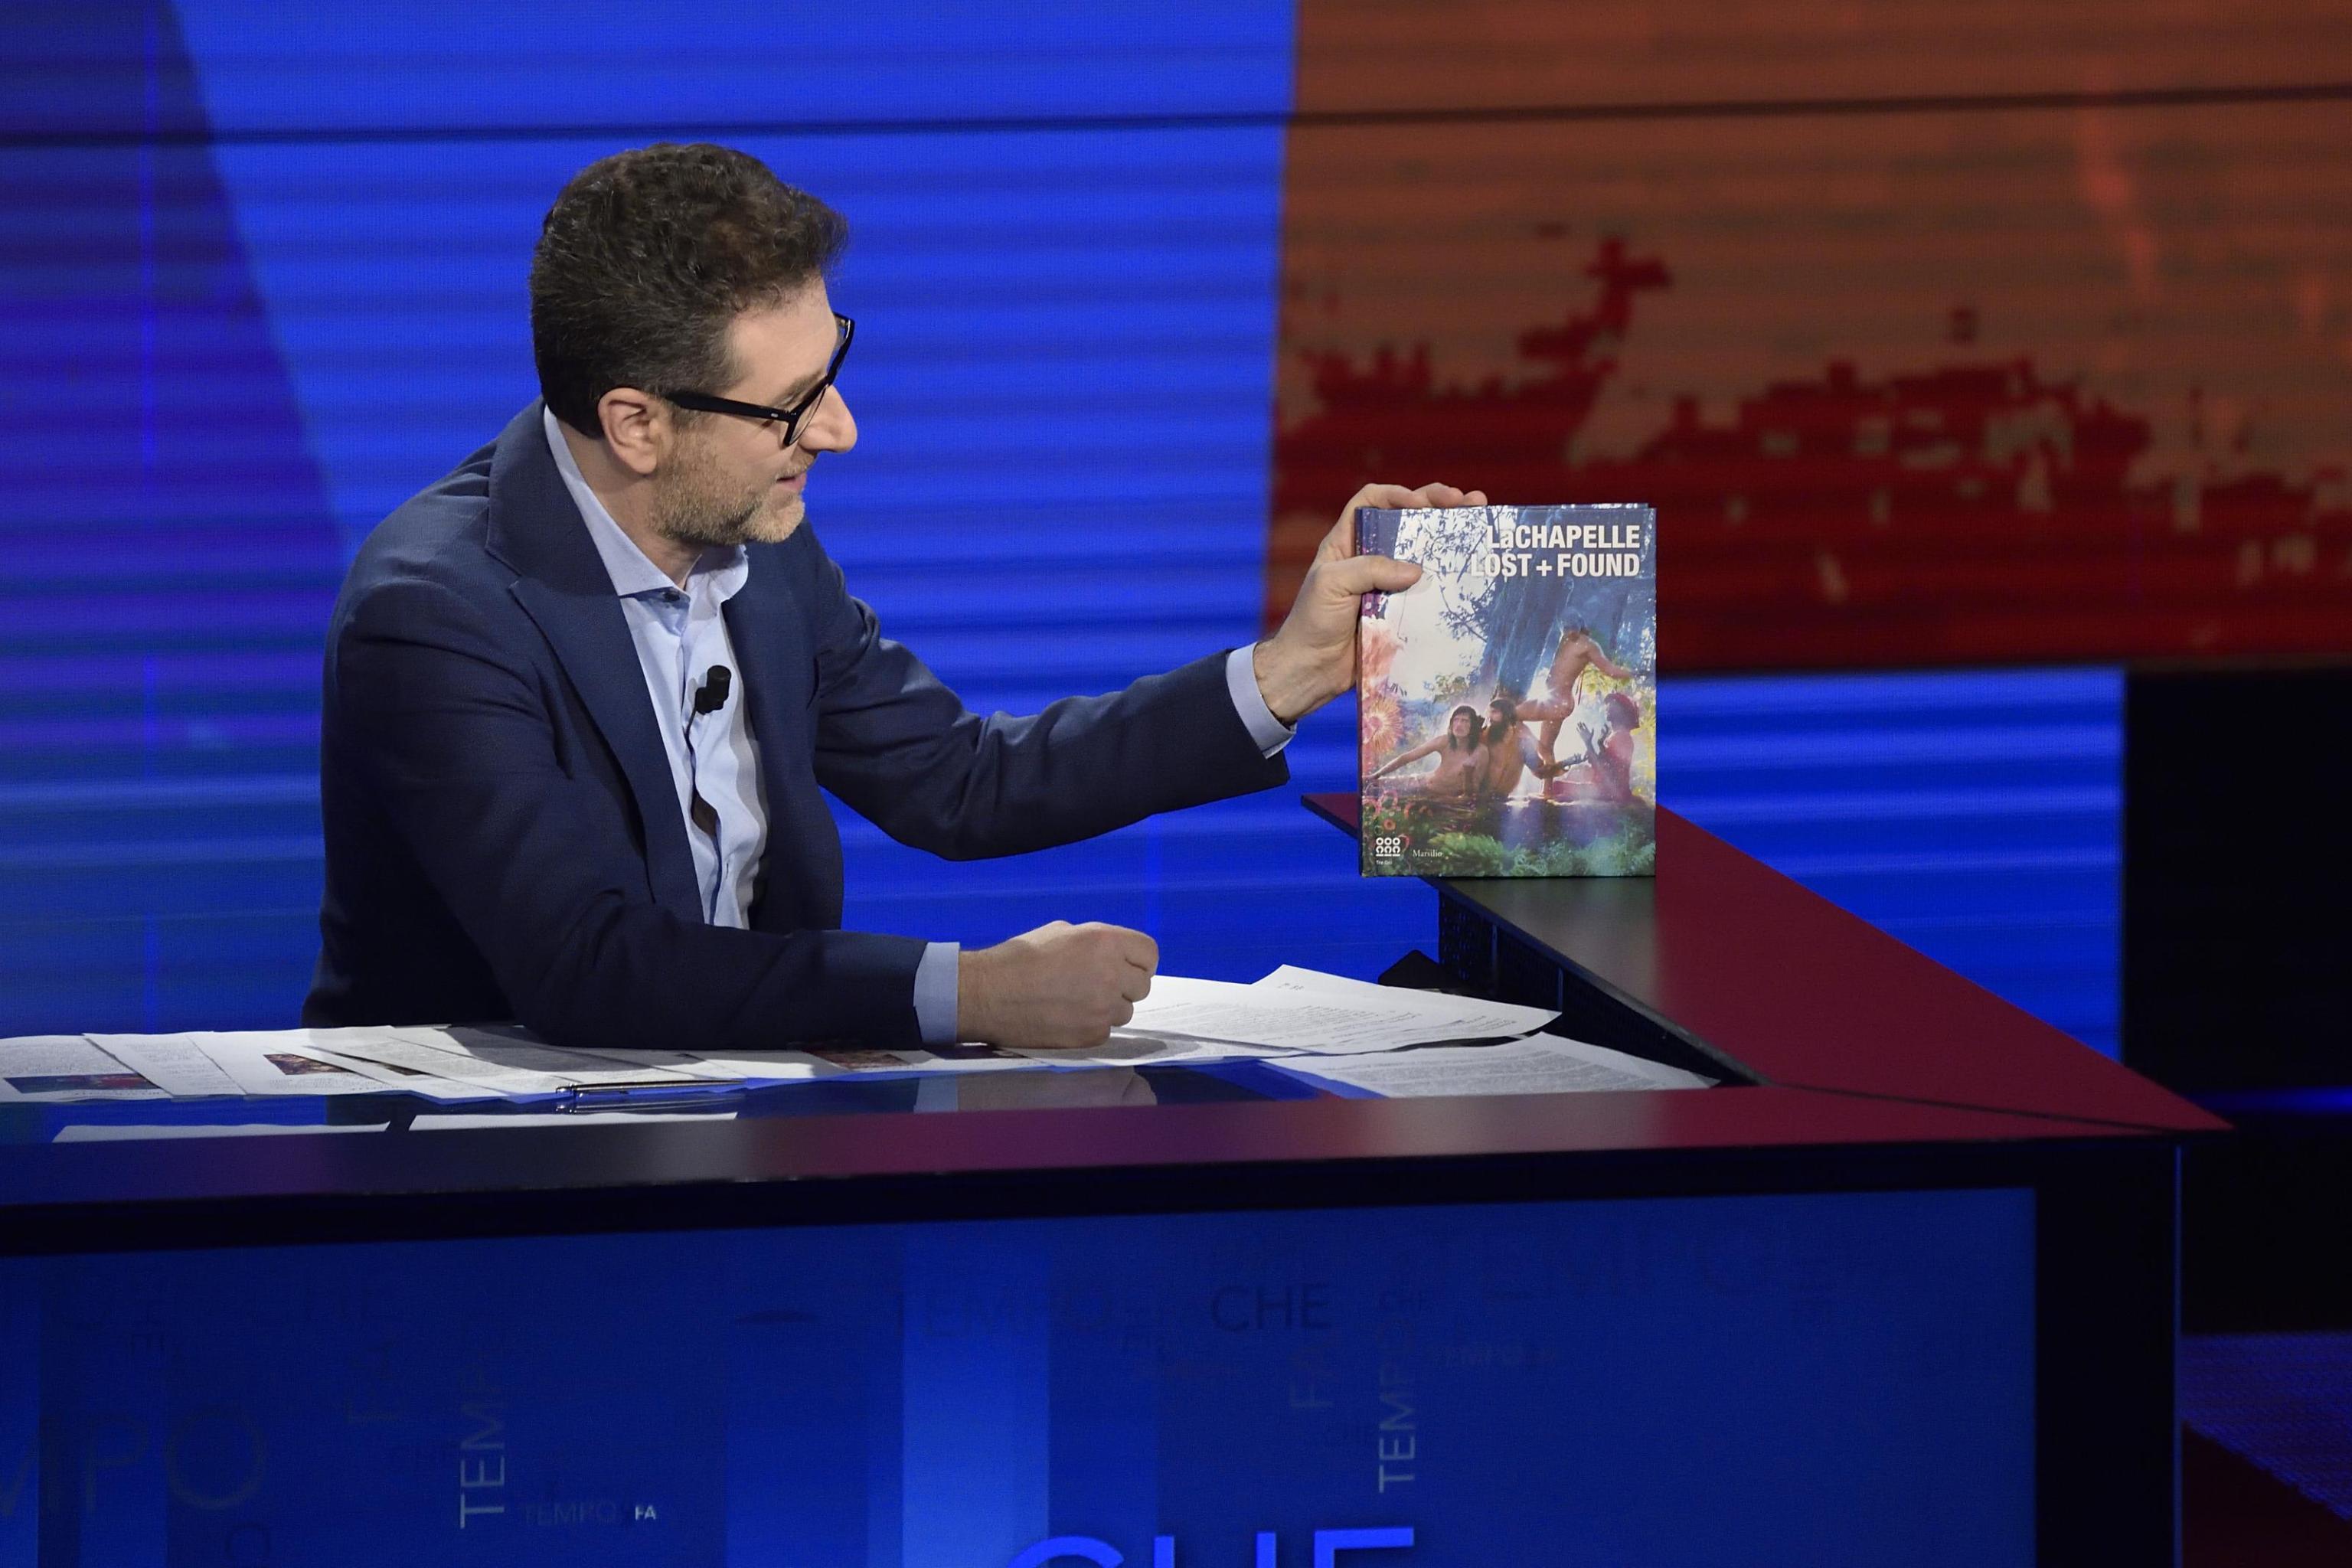 David LaChapelle attends 'Che tempo che fa'